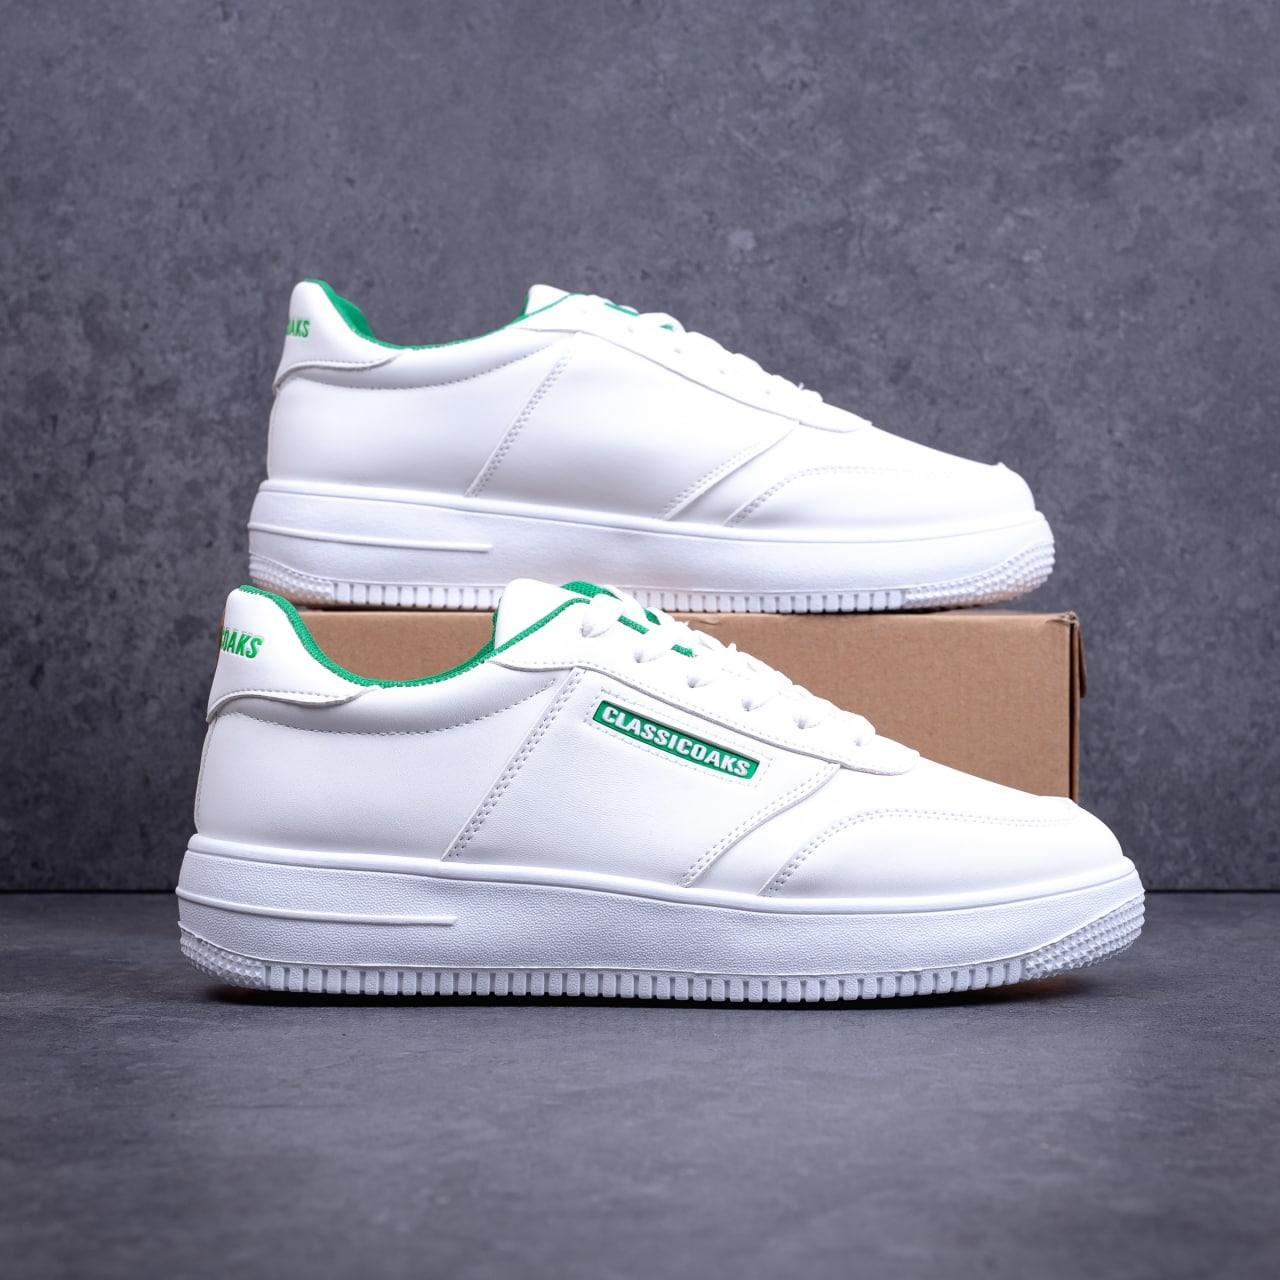 Чоловічі кросівки Ідеал класик (білі) 41-44р